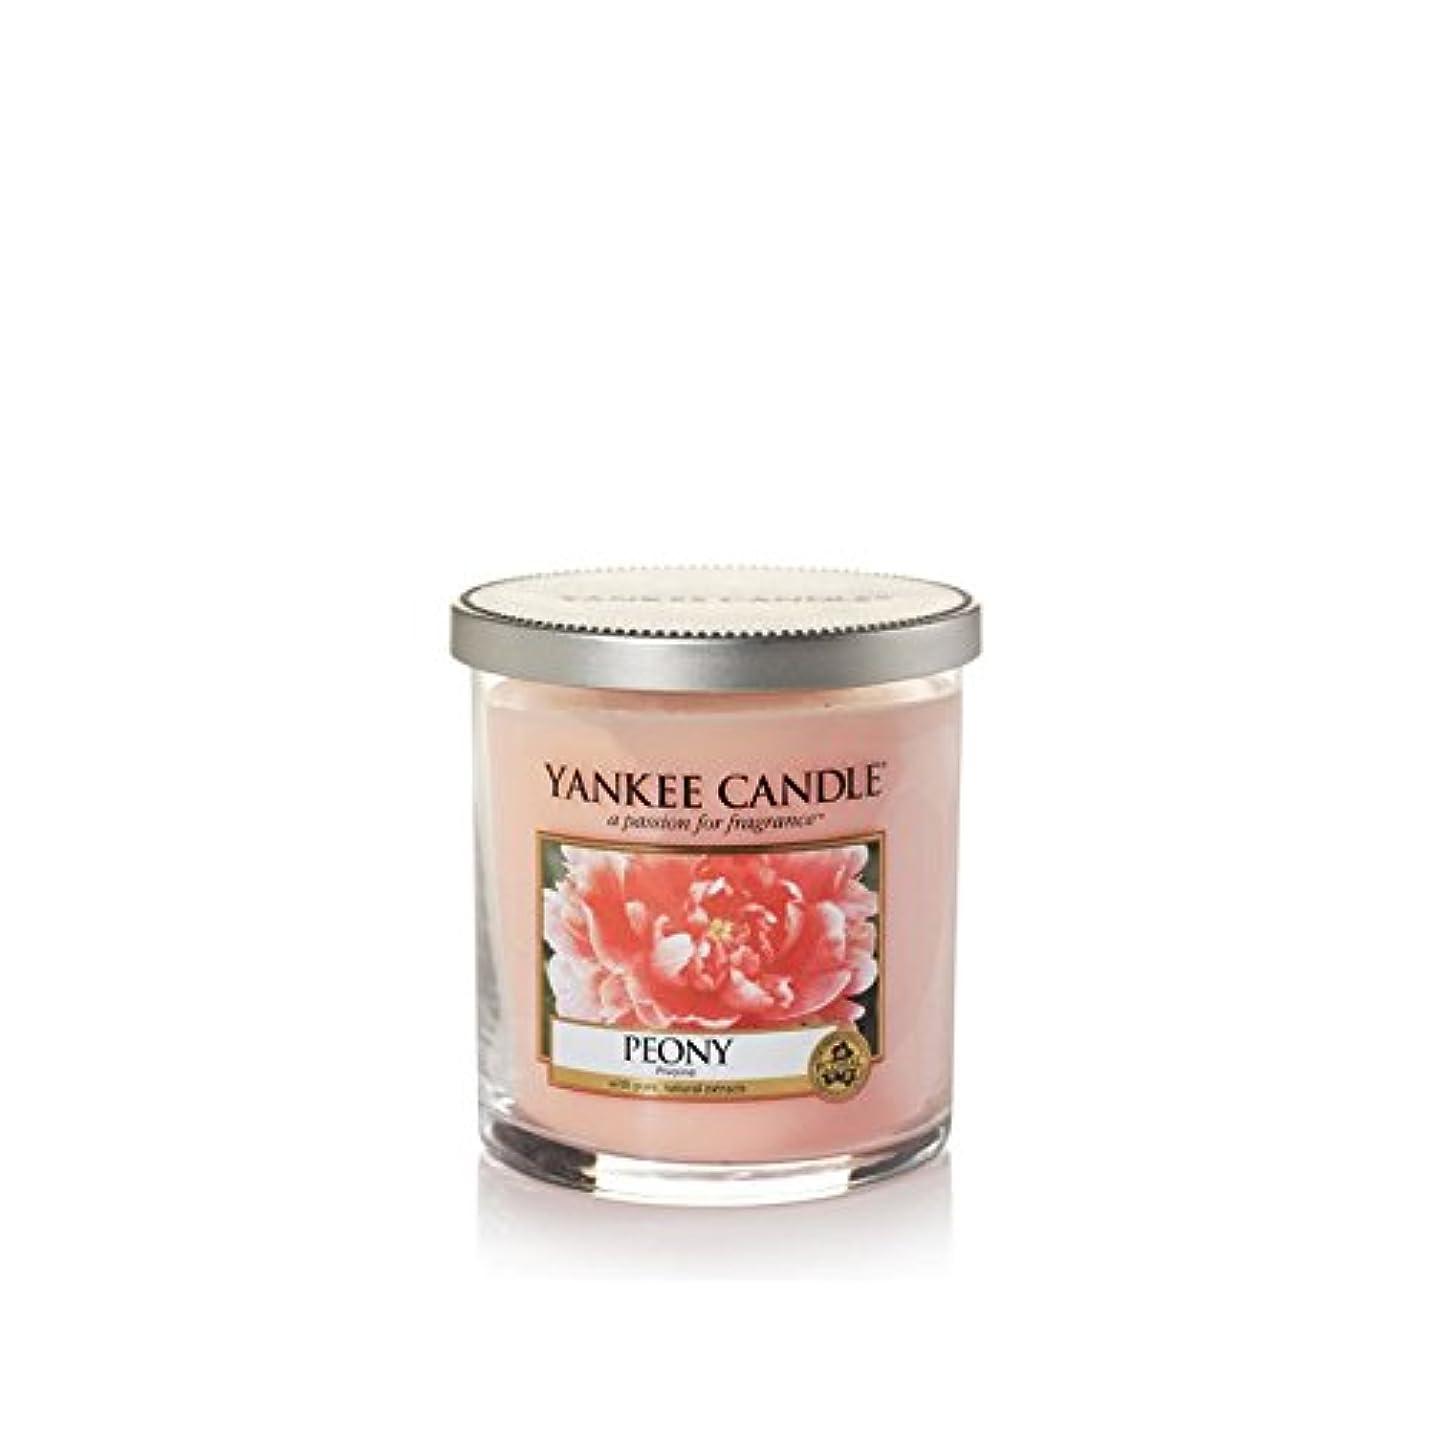 導体いじめっ子興奮Yankee Candles Small Pillar Candle - Peony (Pack of 6) - ヤンキーキャンドルの小さな柱キャンドル - 牡丹 (x6) [並行輸入品]